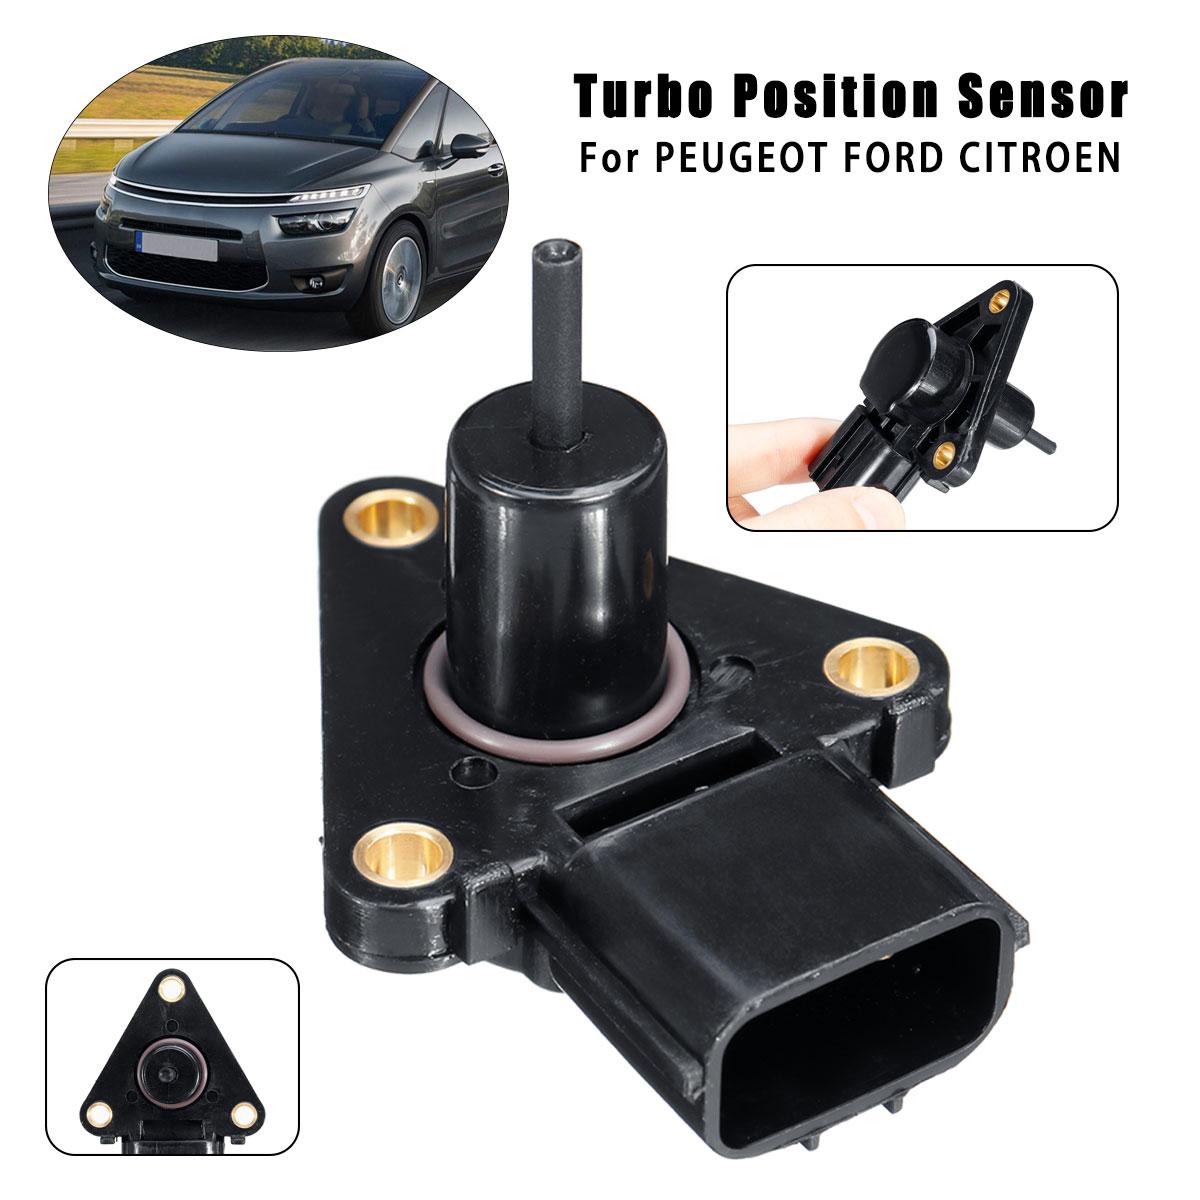 Capteur de Position d'actionneur de chargeur de Turbo pour Peugeot/Ford/Citroen 0375K1 0375K8